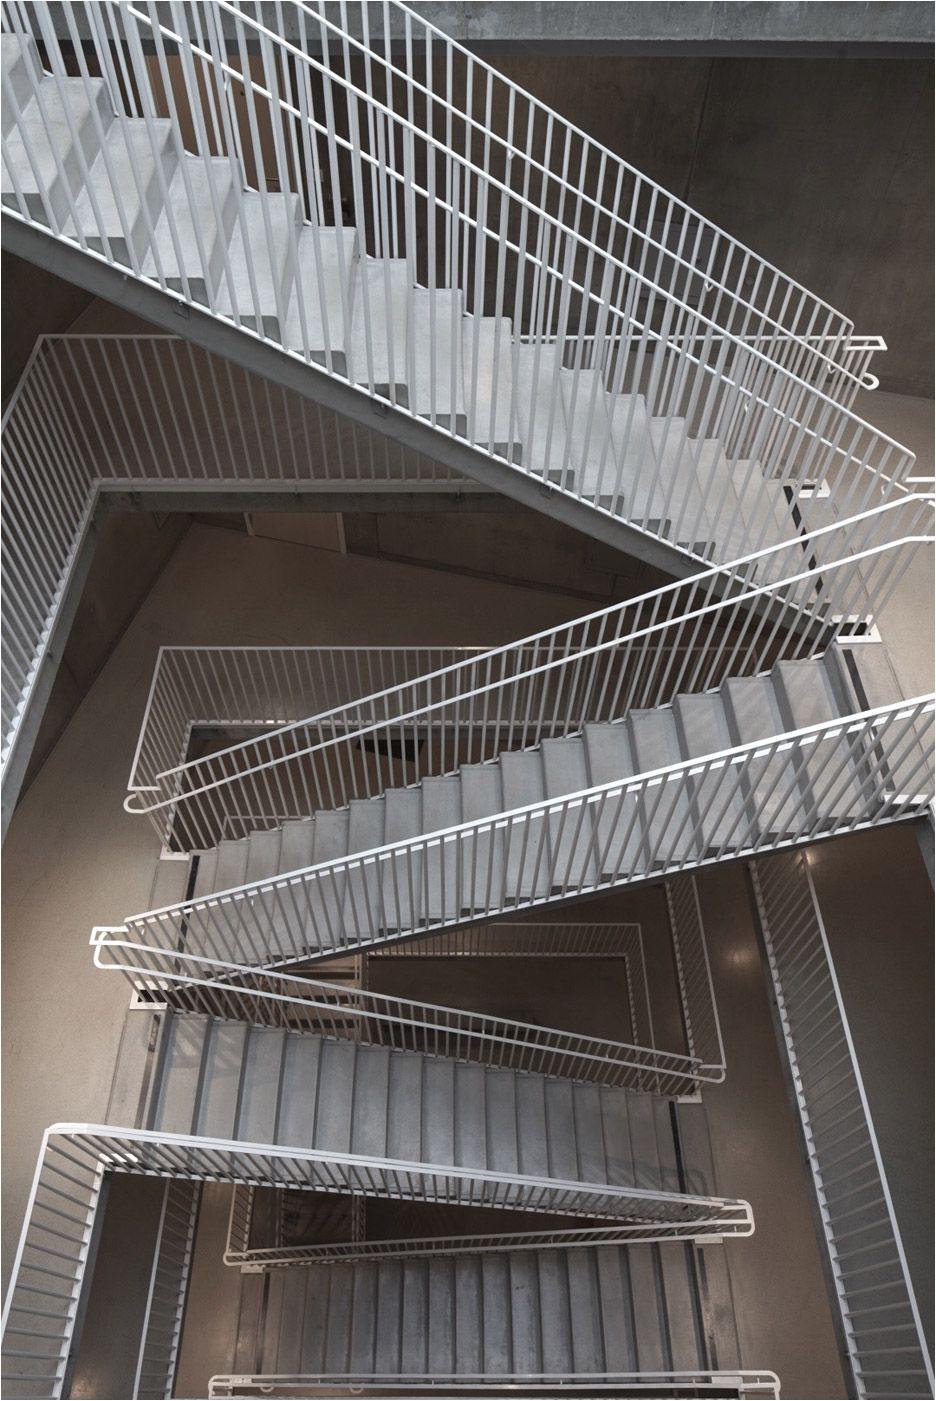 rectangular stairway in an apartment building vastra kajen 1 built by tham and videgard arkiteker in jonkoping sweden photo by a ke e son lindman